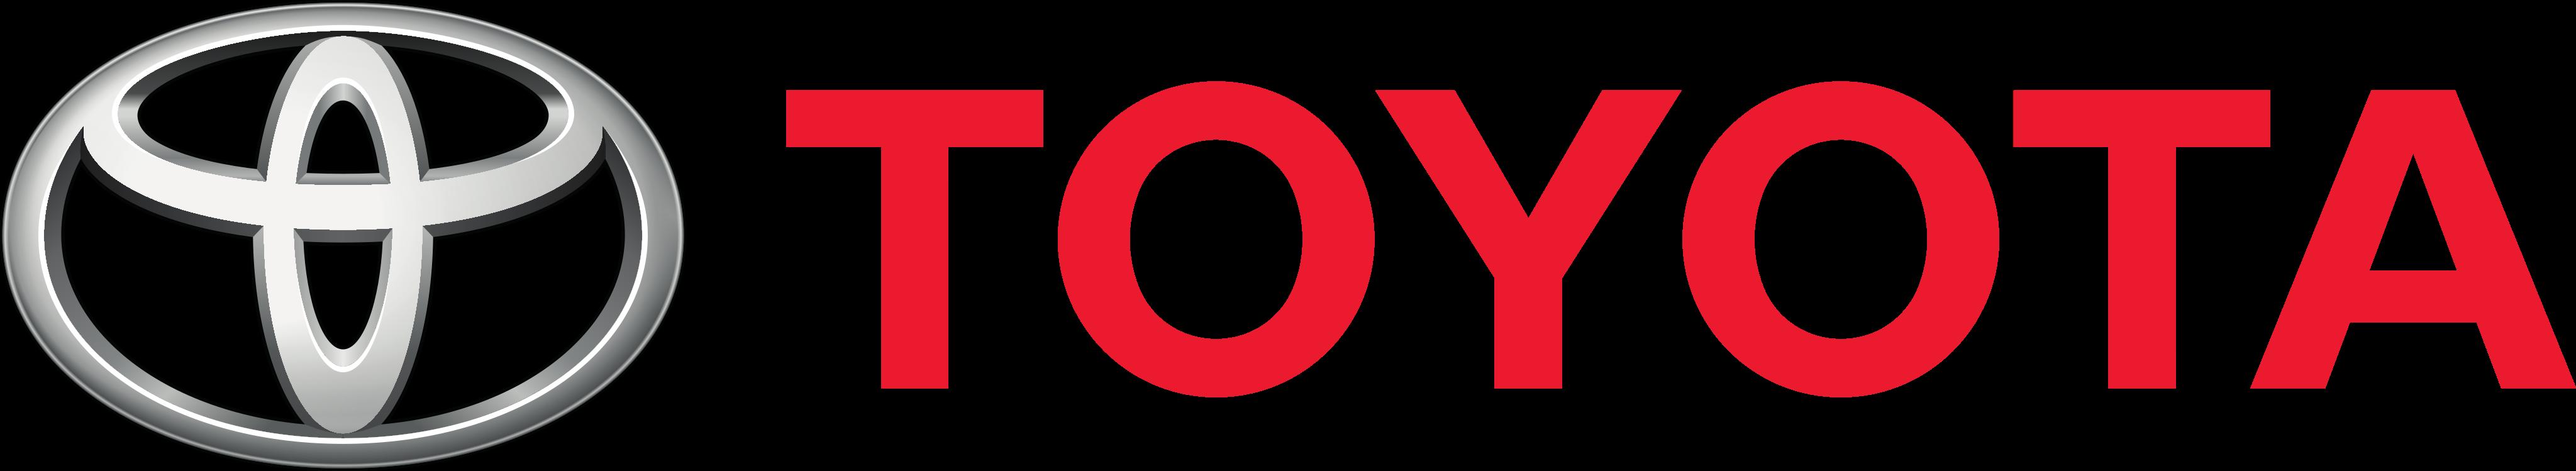 toyota logo 3 - Toyota Logo